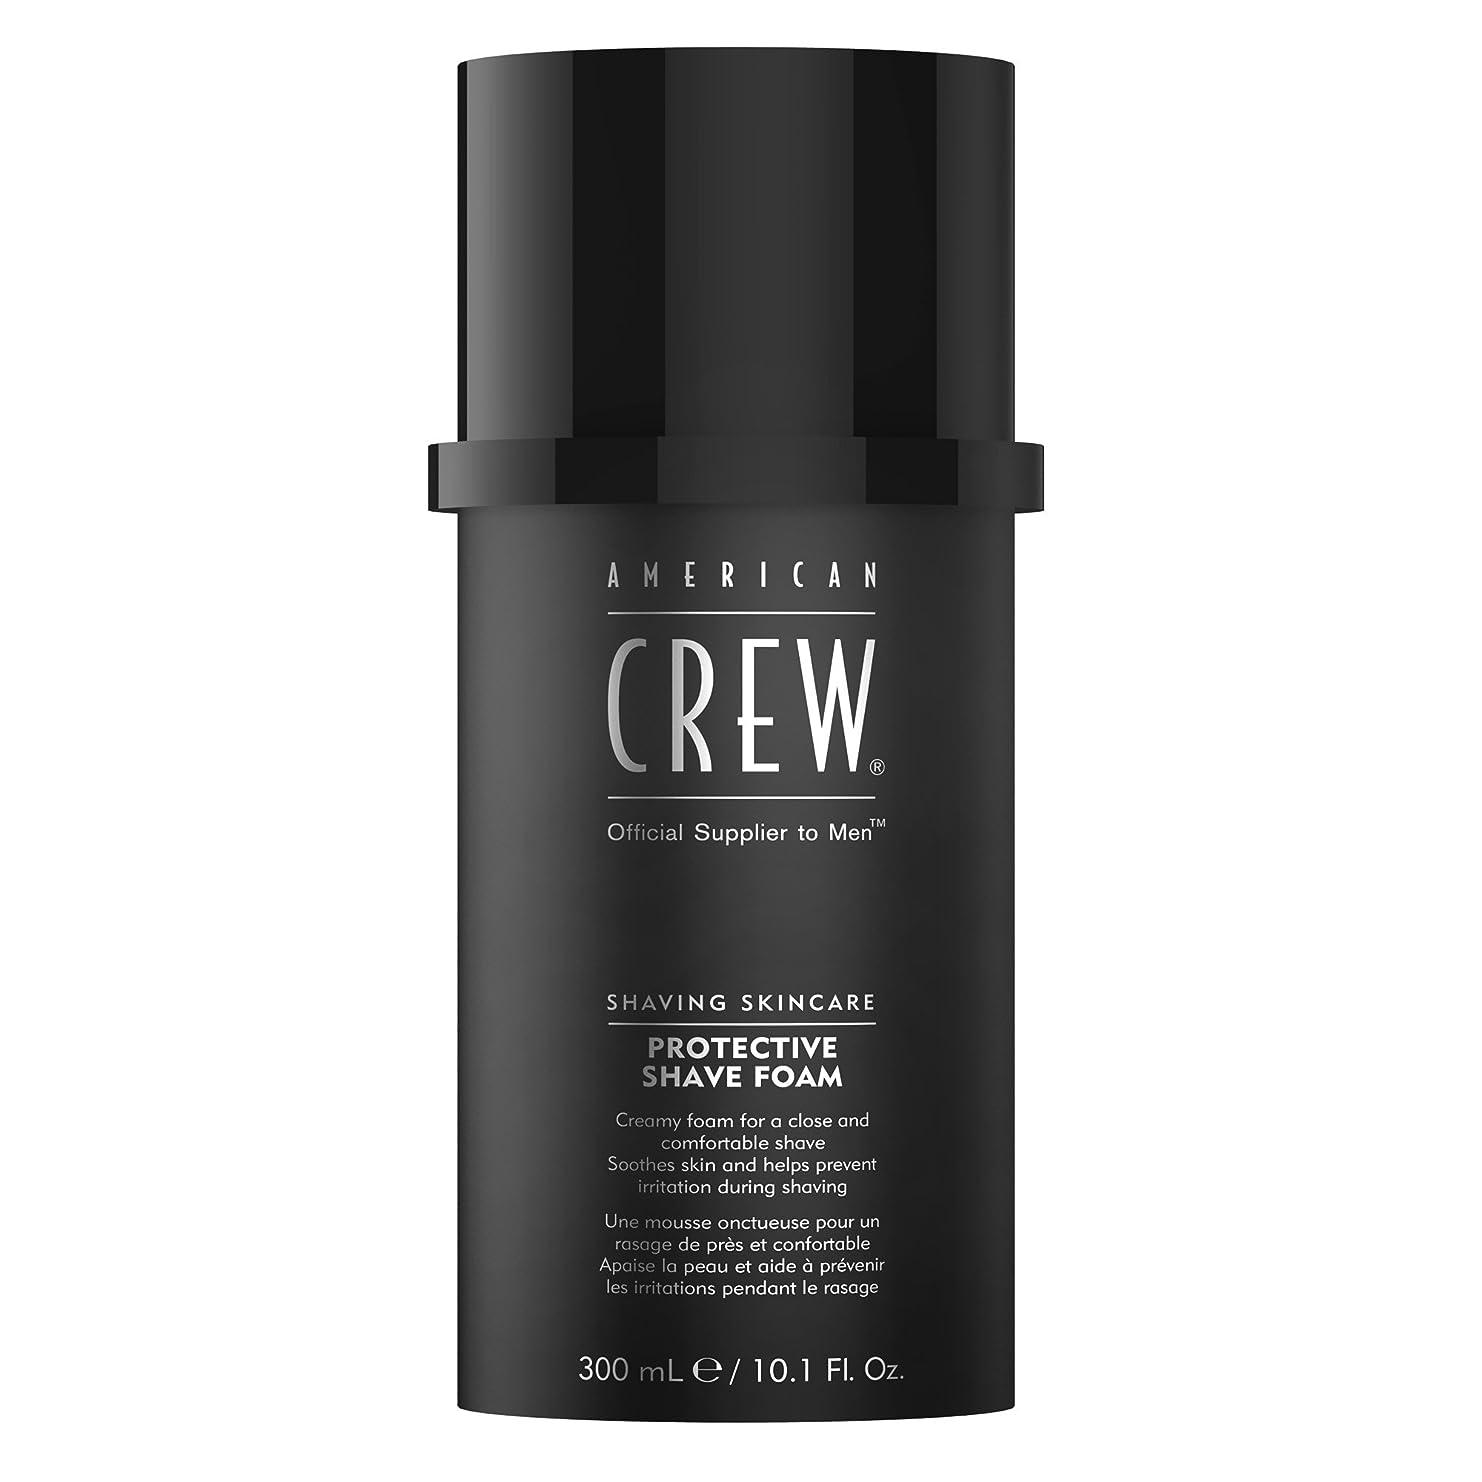 栄光の消費者エントリAmerican Crew Protective Shave Foam 300ml